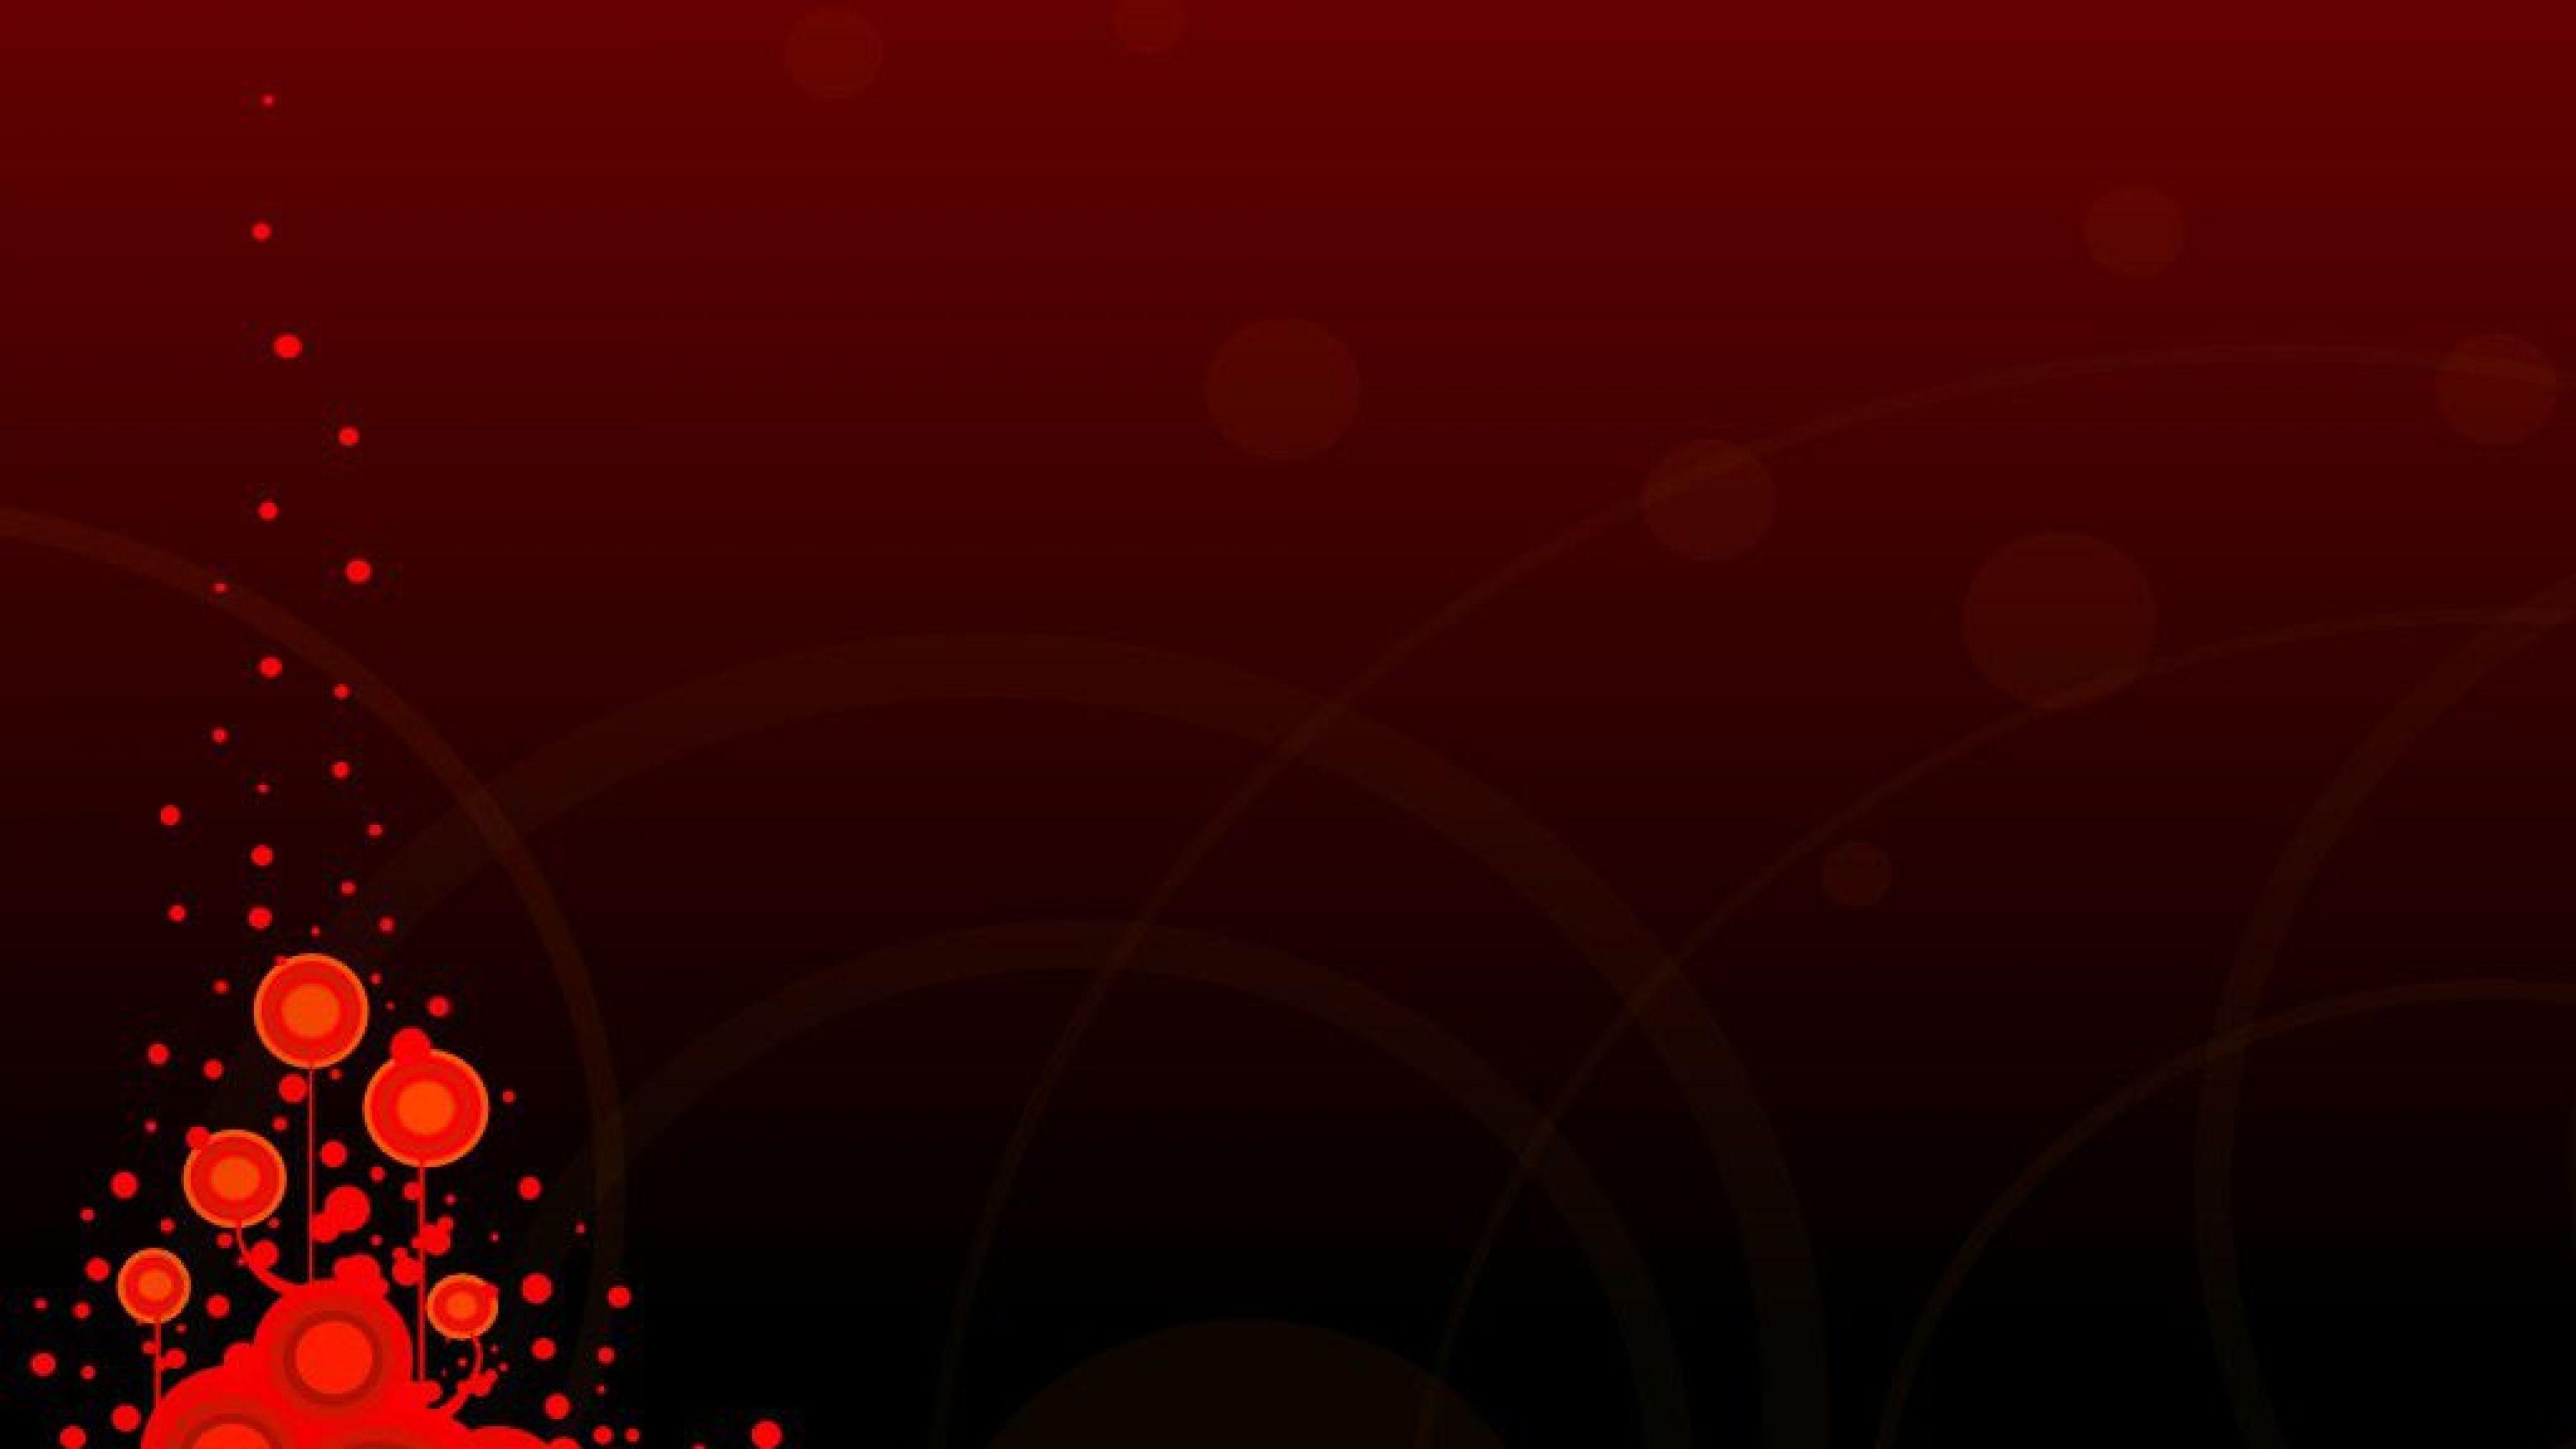 Hình nền Powerpoint đẹp màu đỏ sẫm đẹp